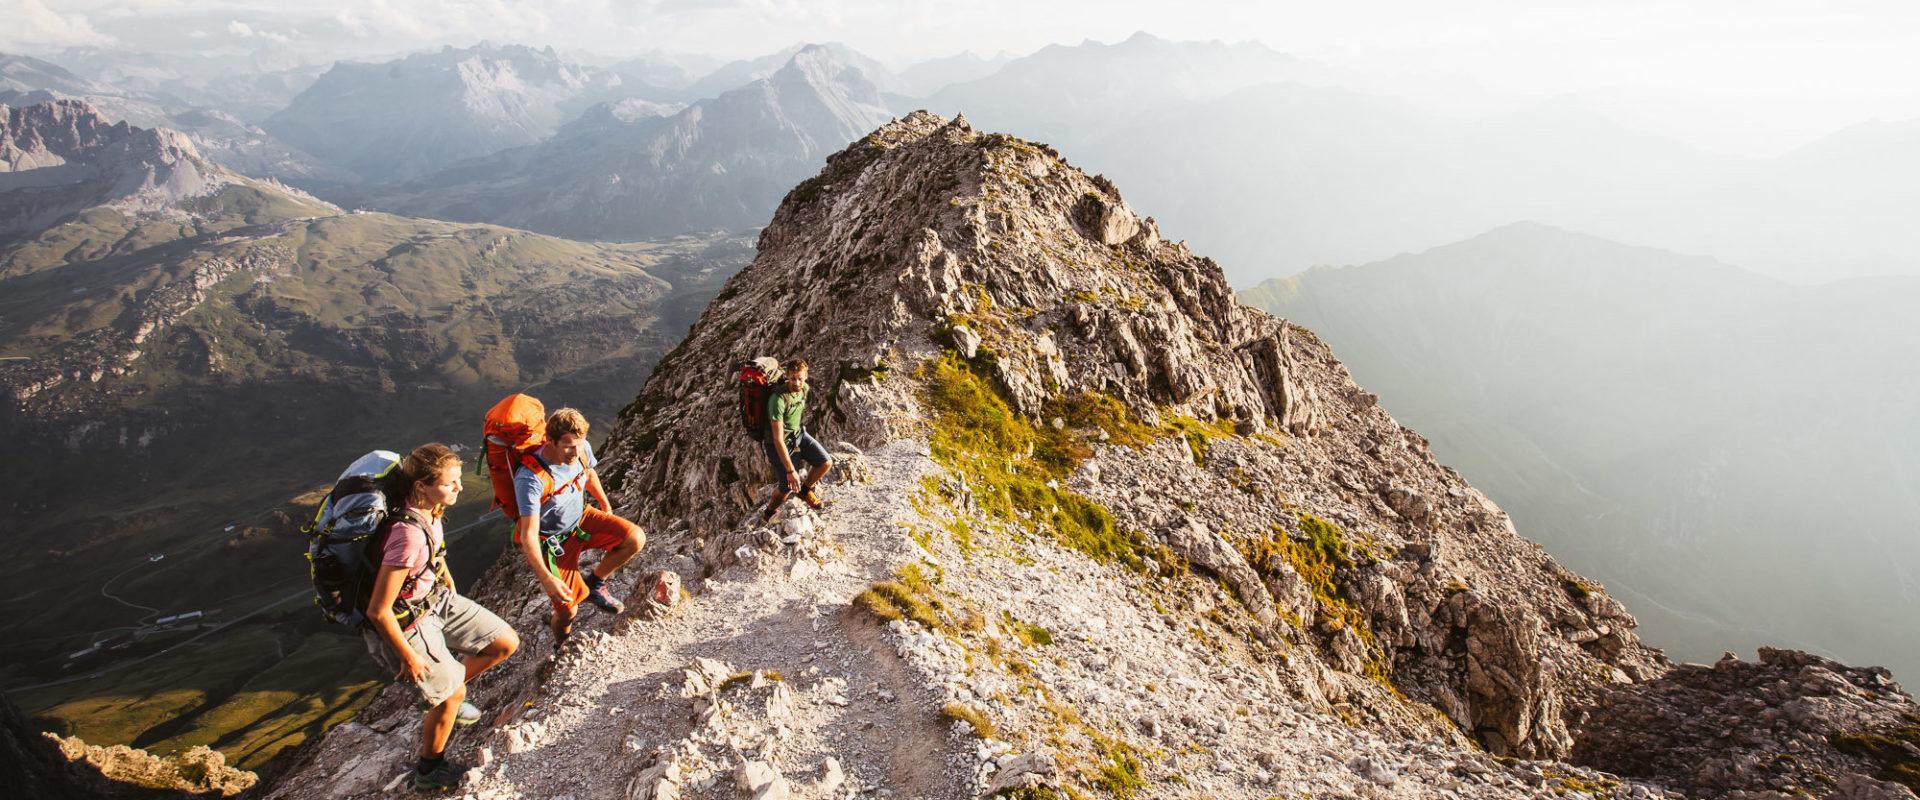 Aufstieg zum Widderstein in Warth-Schröcken © Sebastian Stiphout undefined